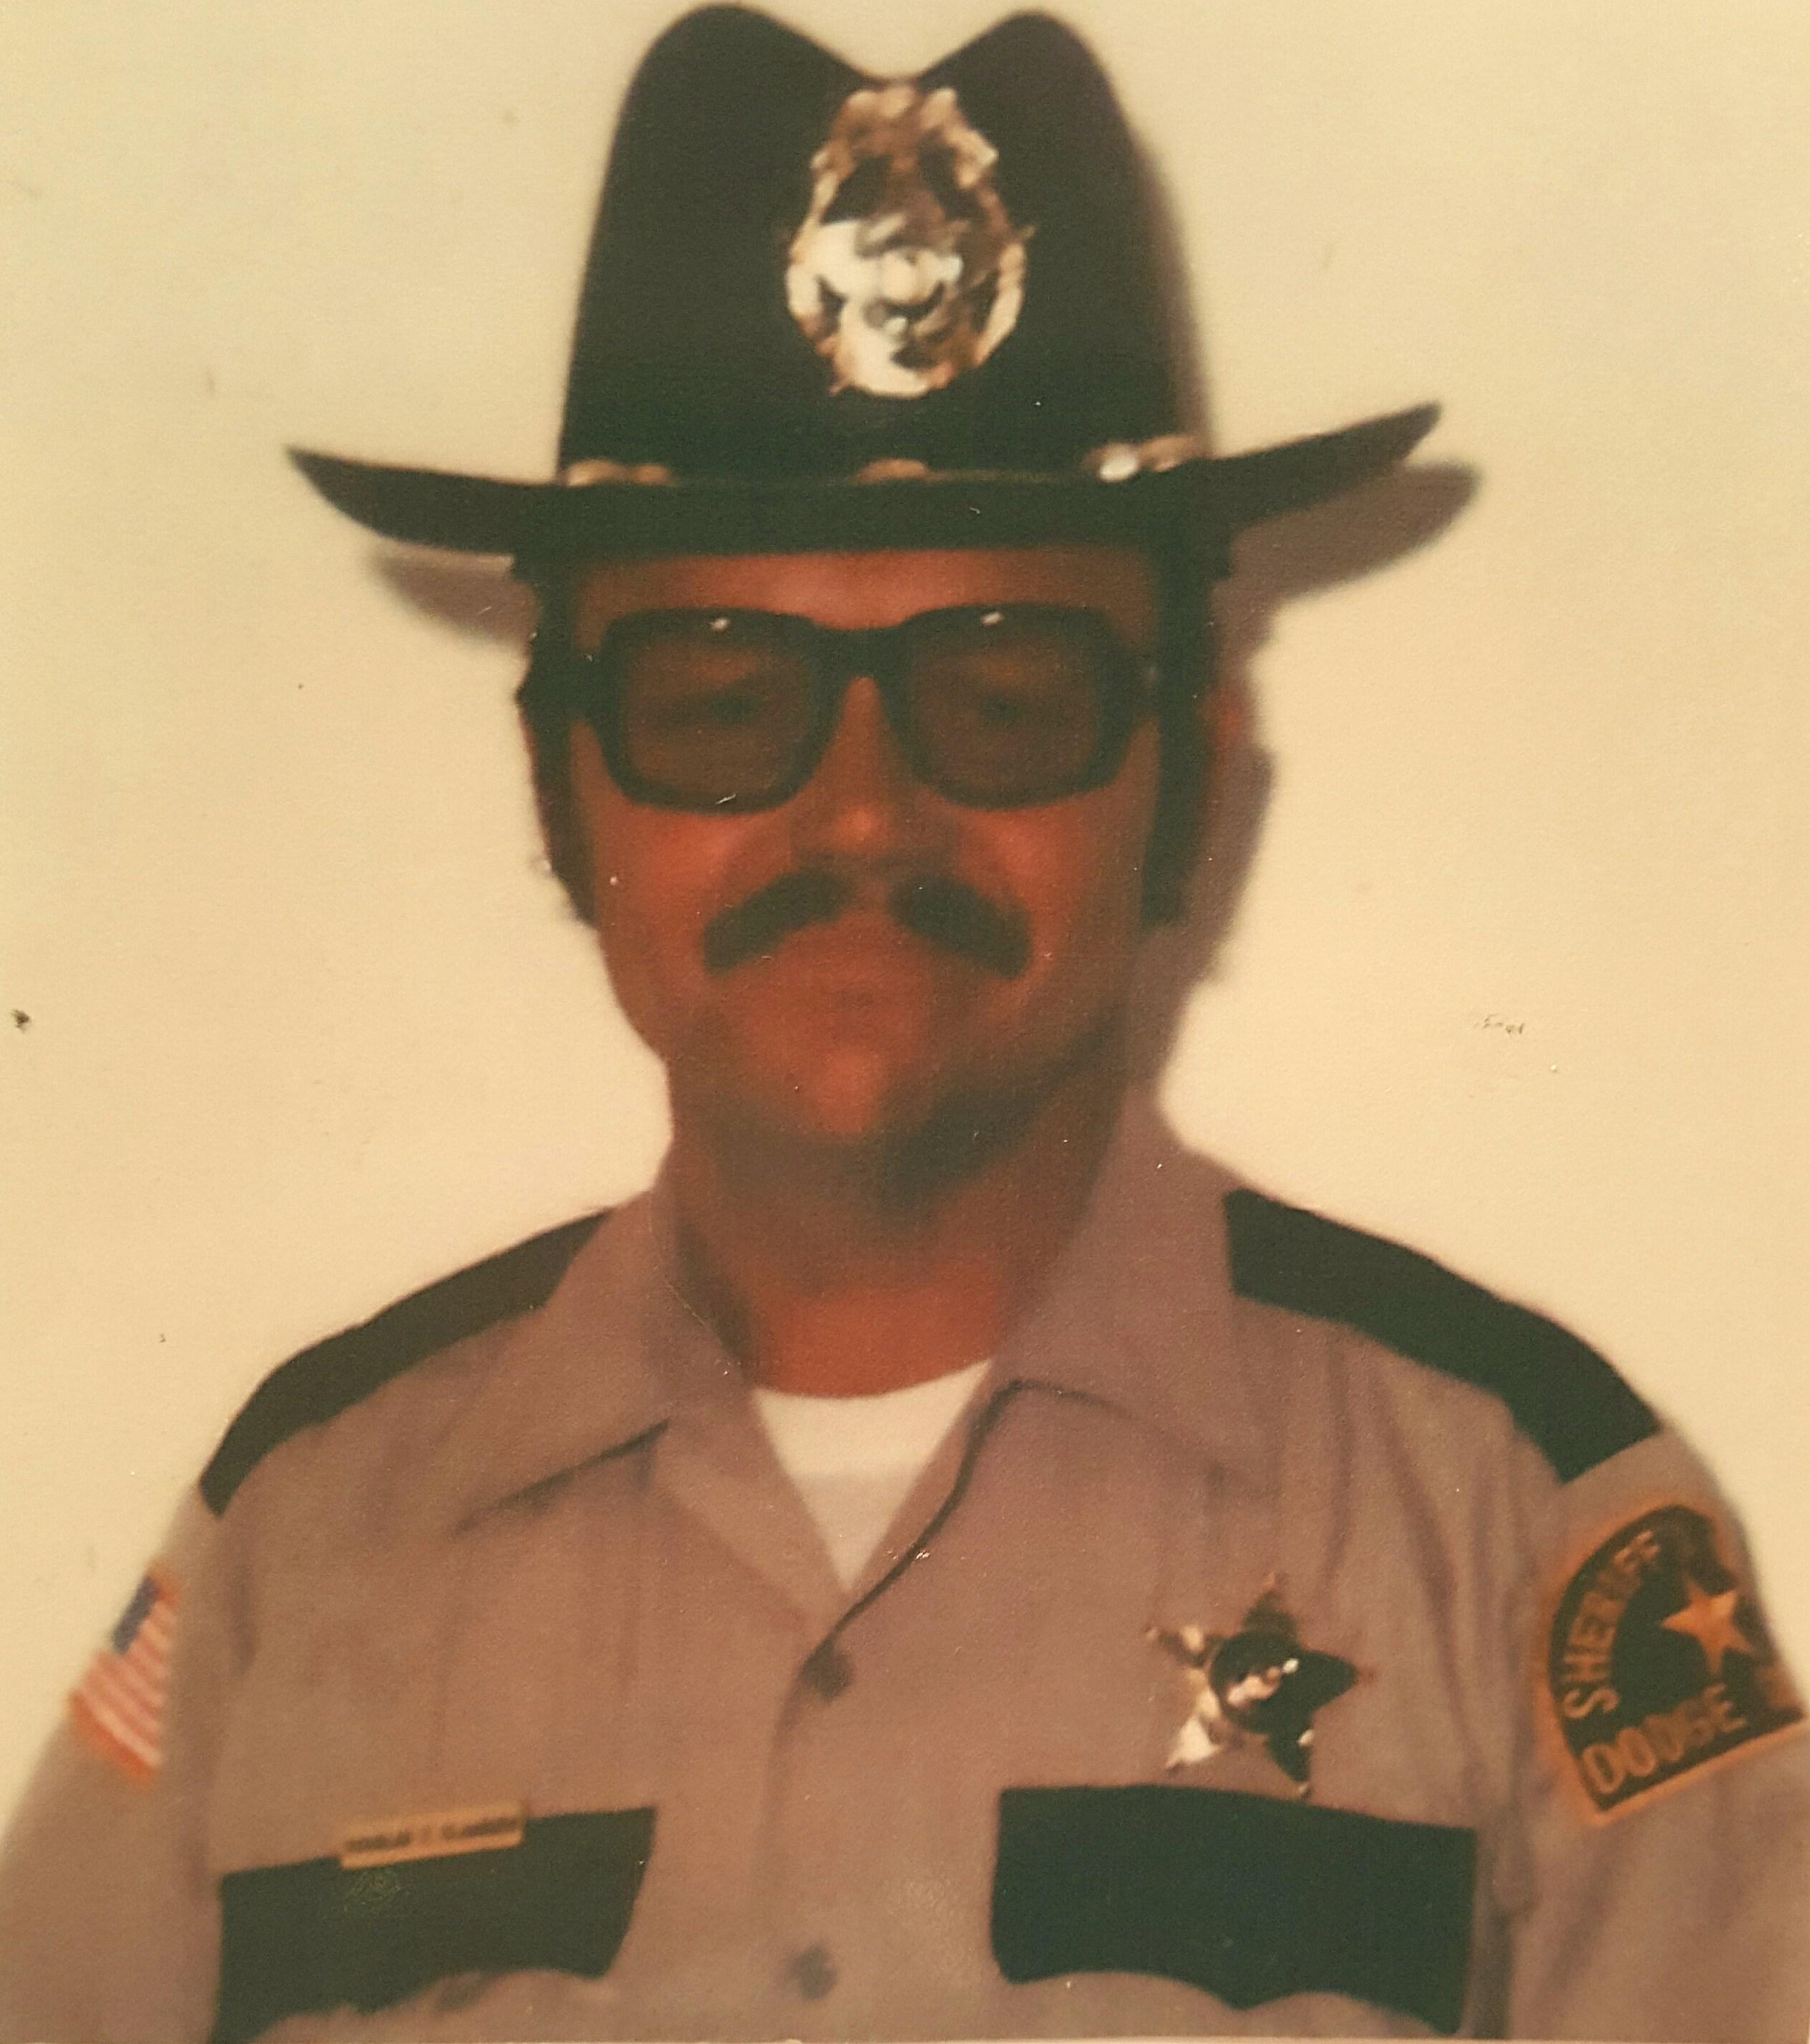 Chief Doug Claassen